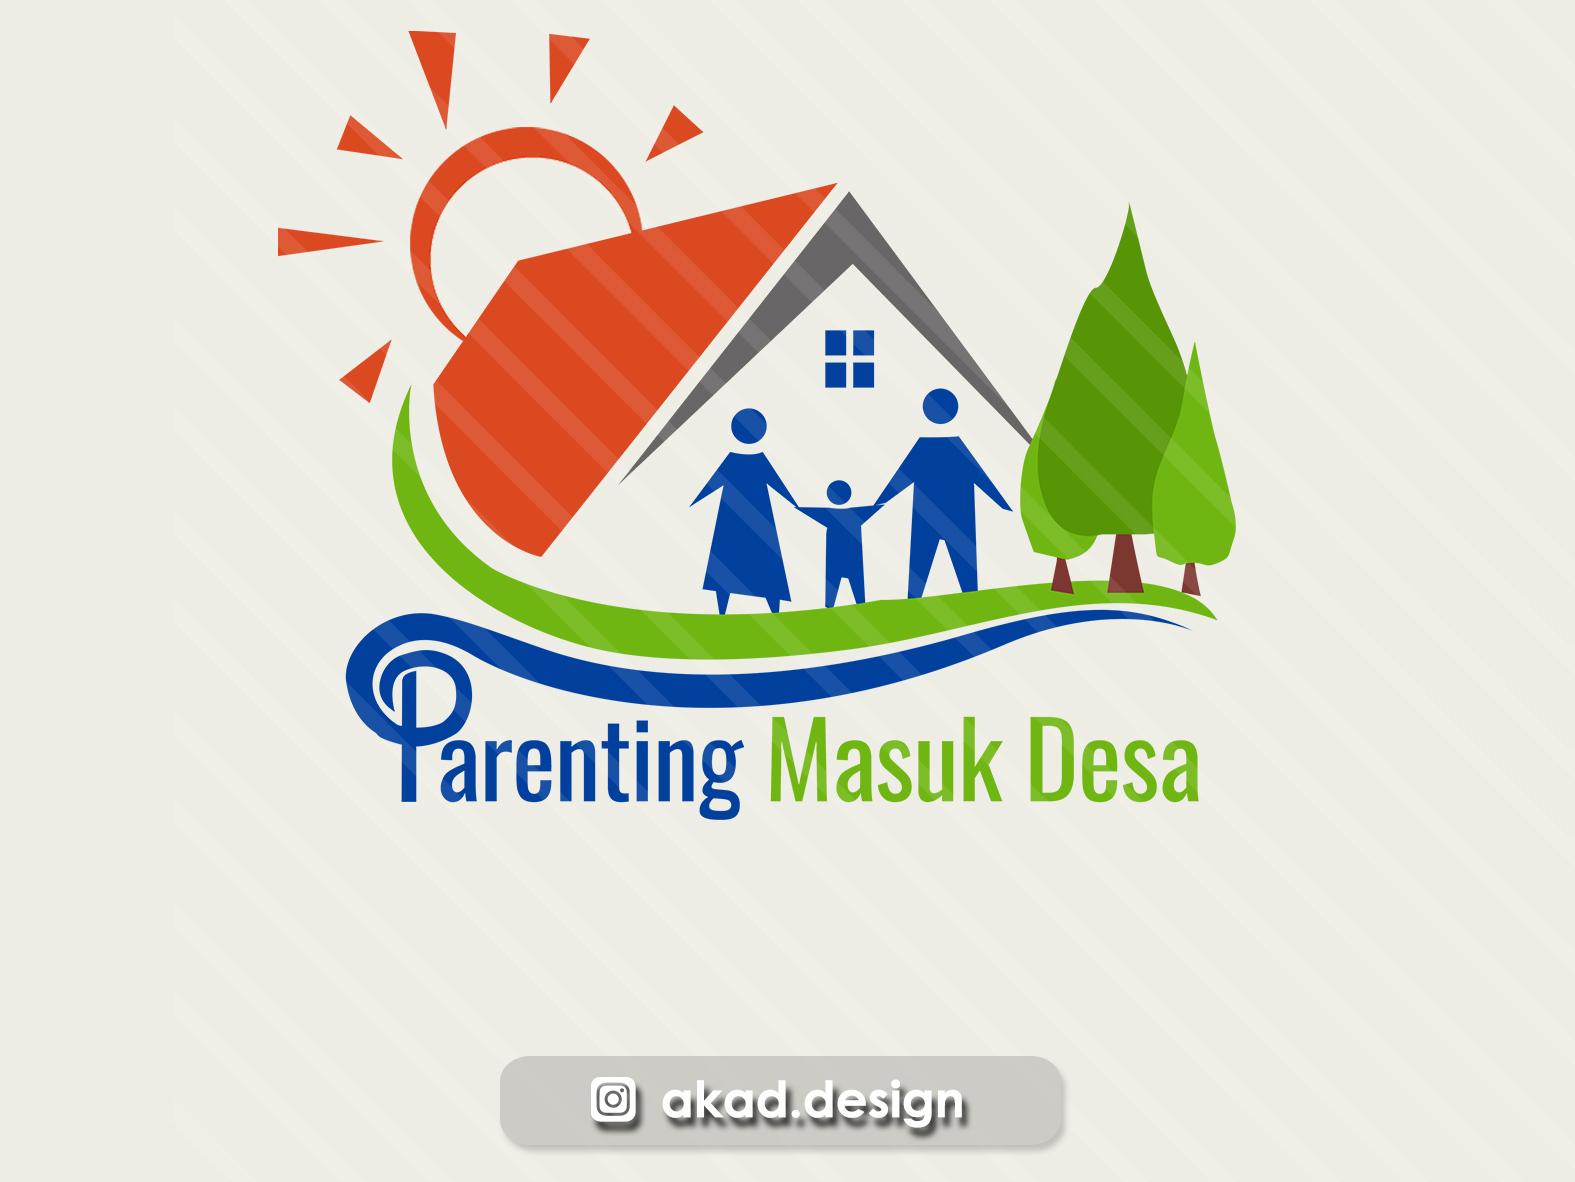 Logo Village Parenting human logo human logo 2d village logo logo design family logo family parenting logo logo parenting parenting logo village village logo